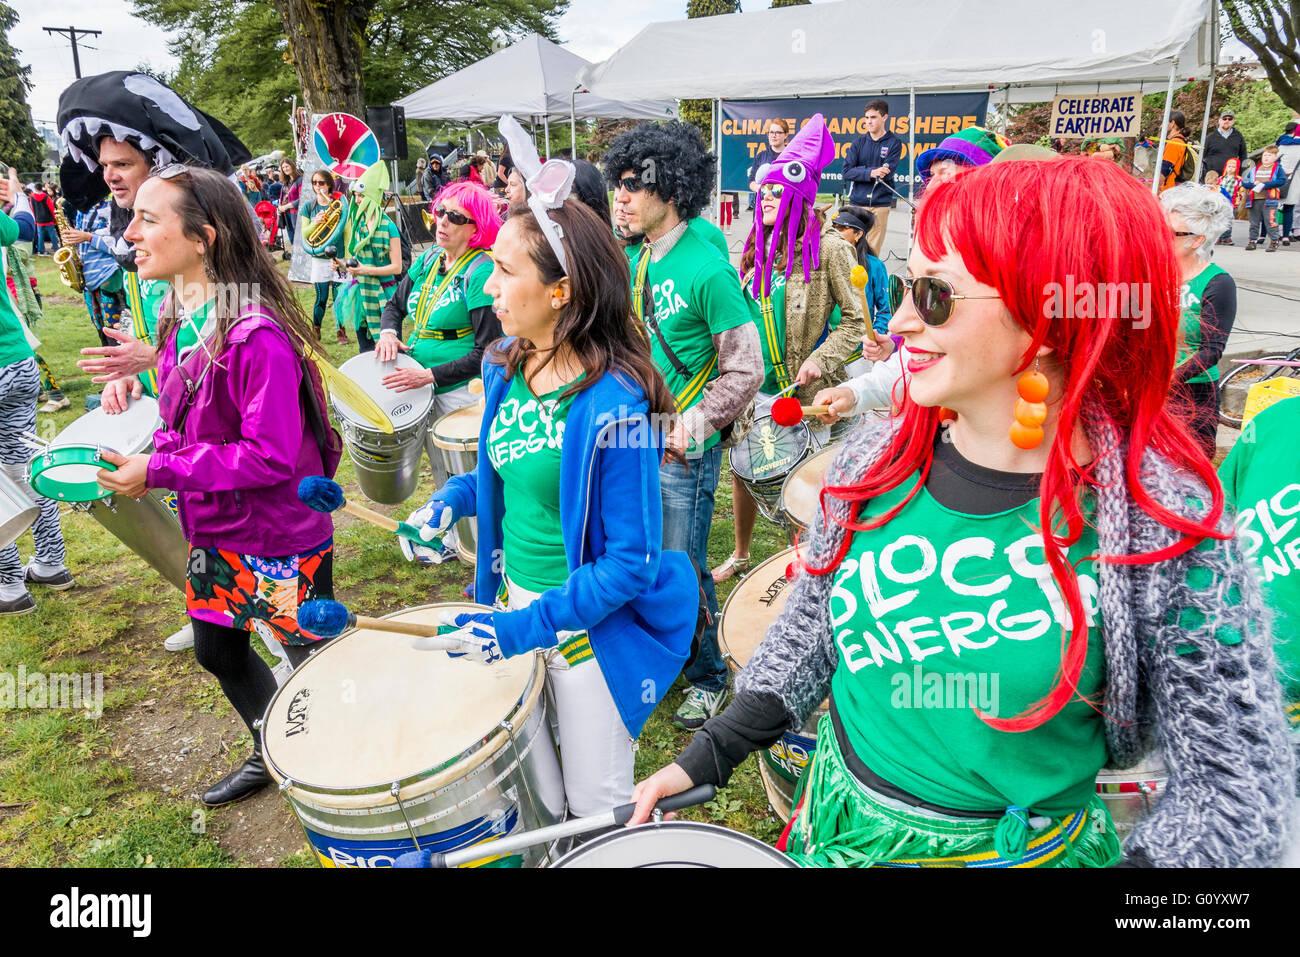 Grupo de percusión Bloco Energia realice en el día de la tierra de Rally, Vancouver, British Columbia, Imagen De Stock